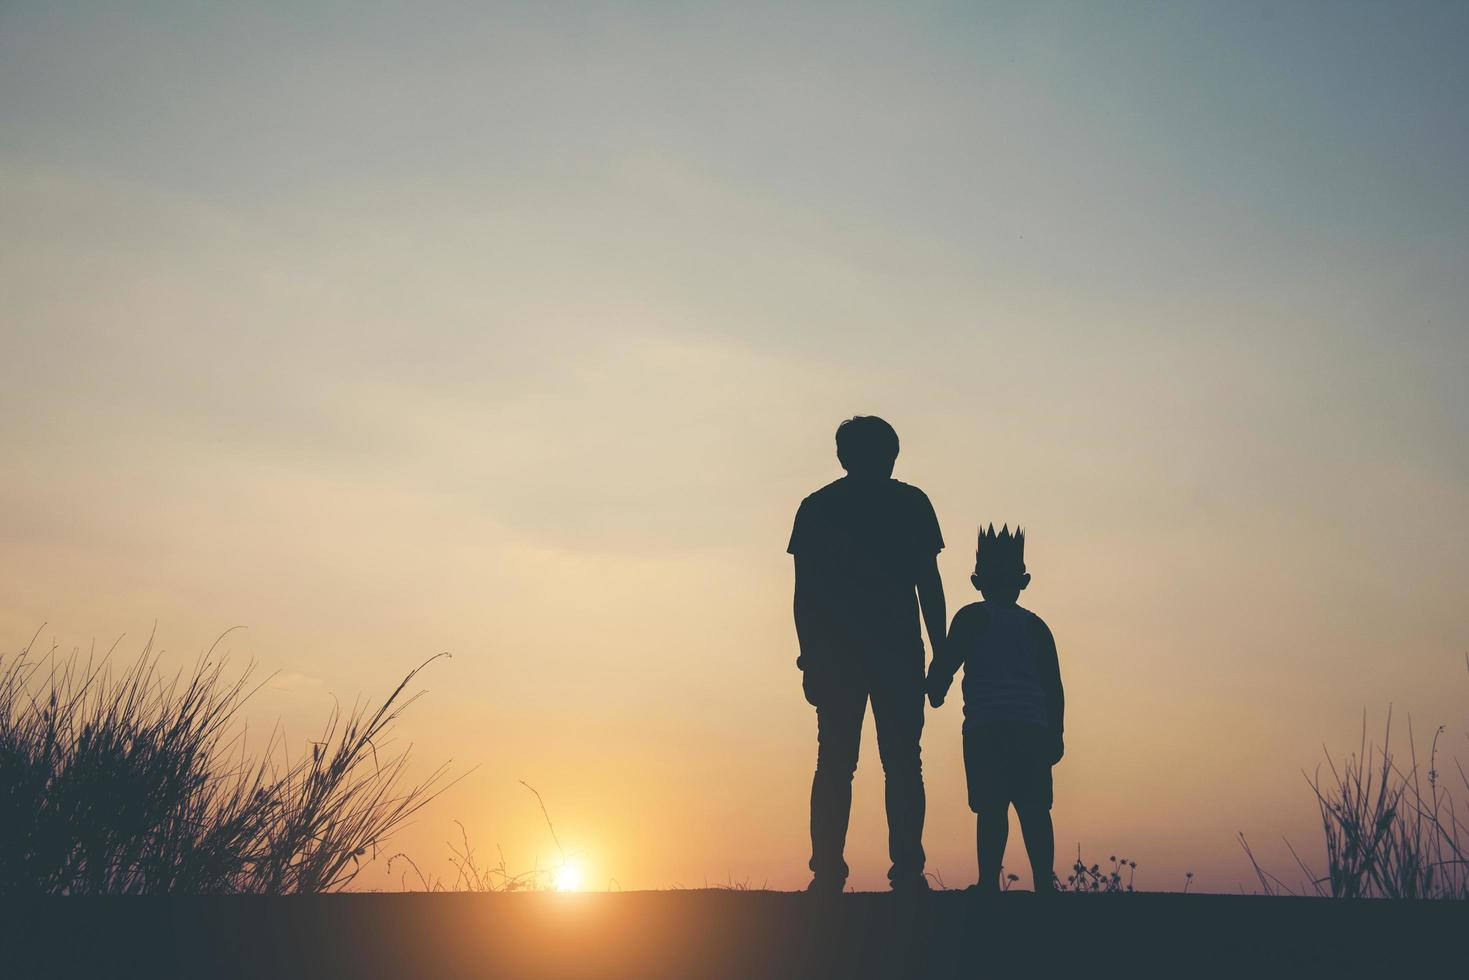 Silhouette von Vater und Sohn zusammen stehend foto